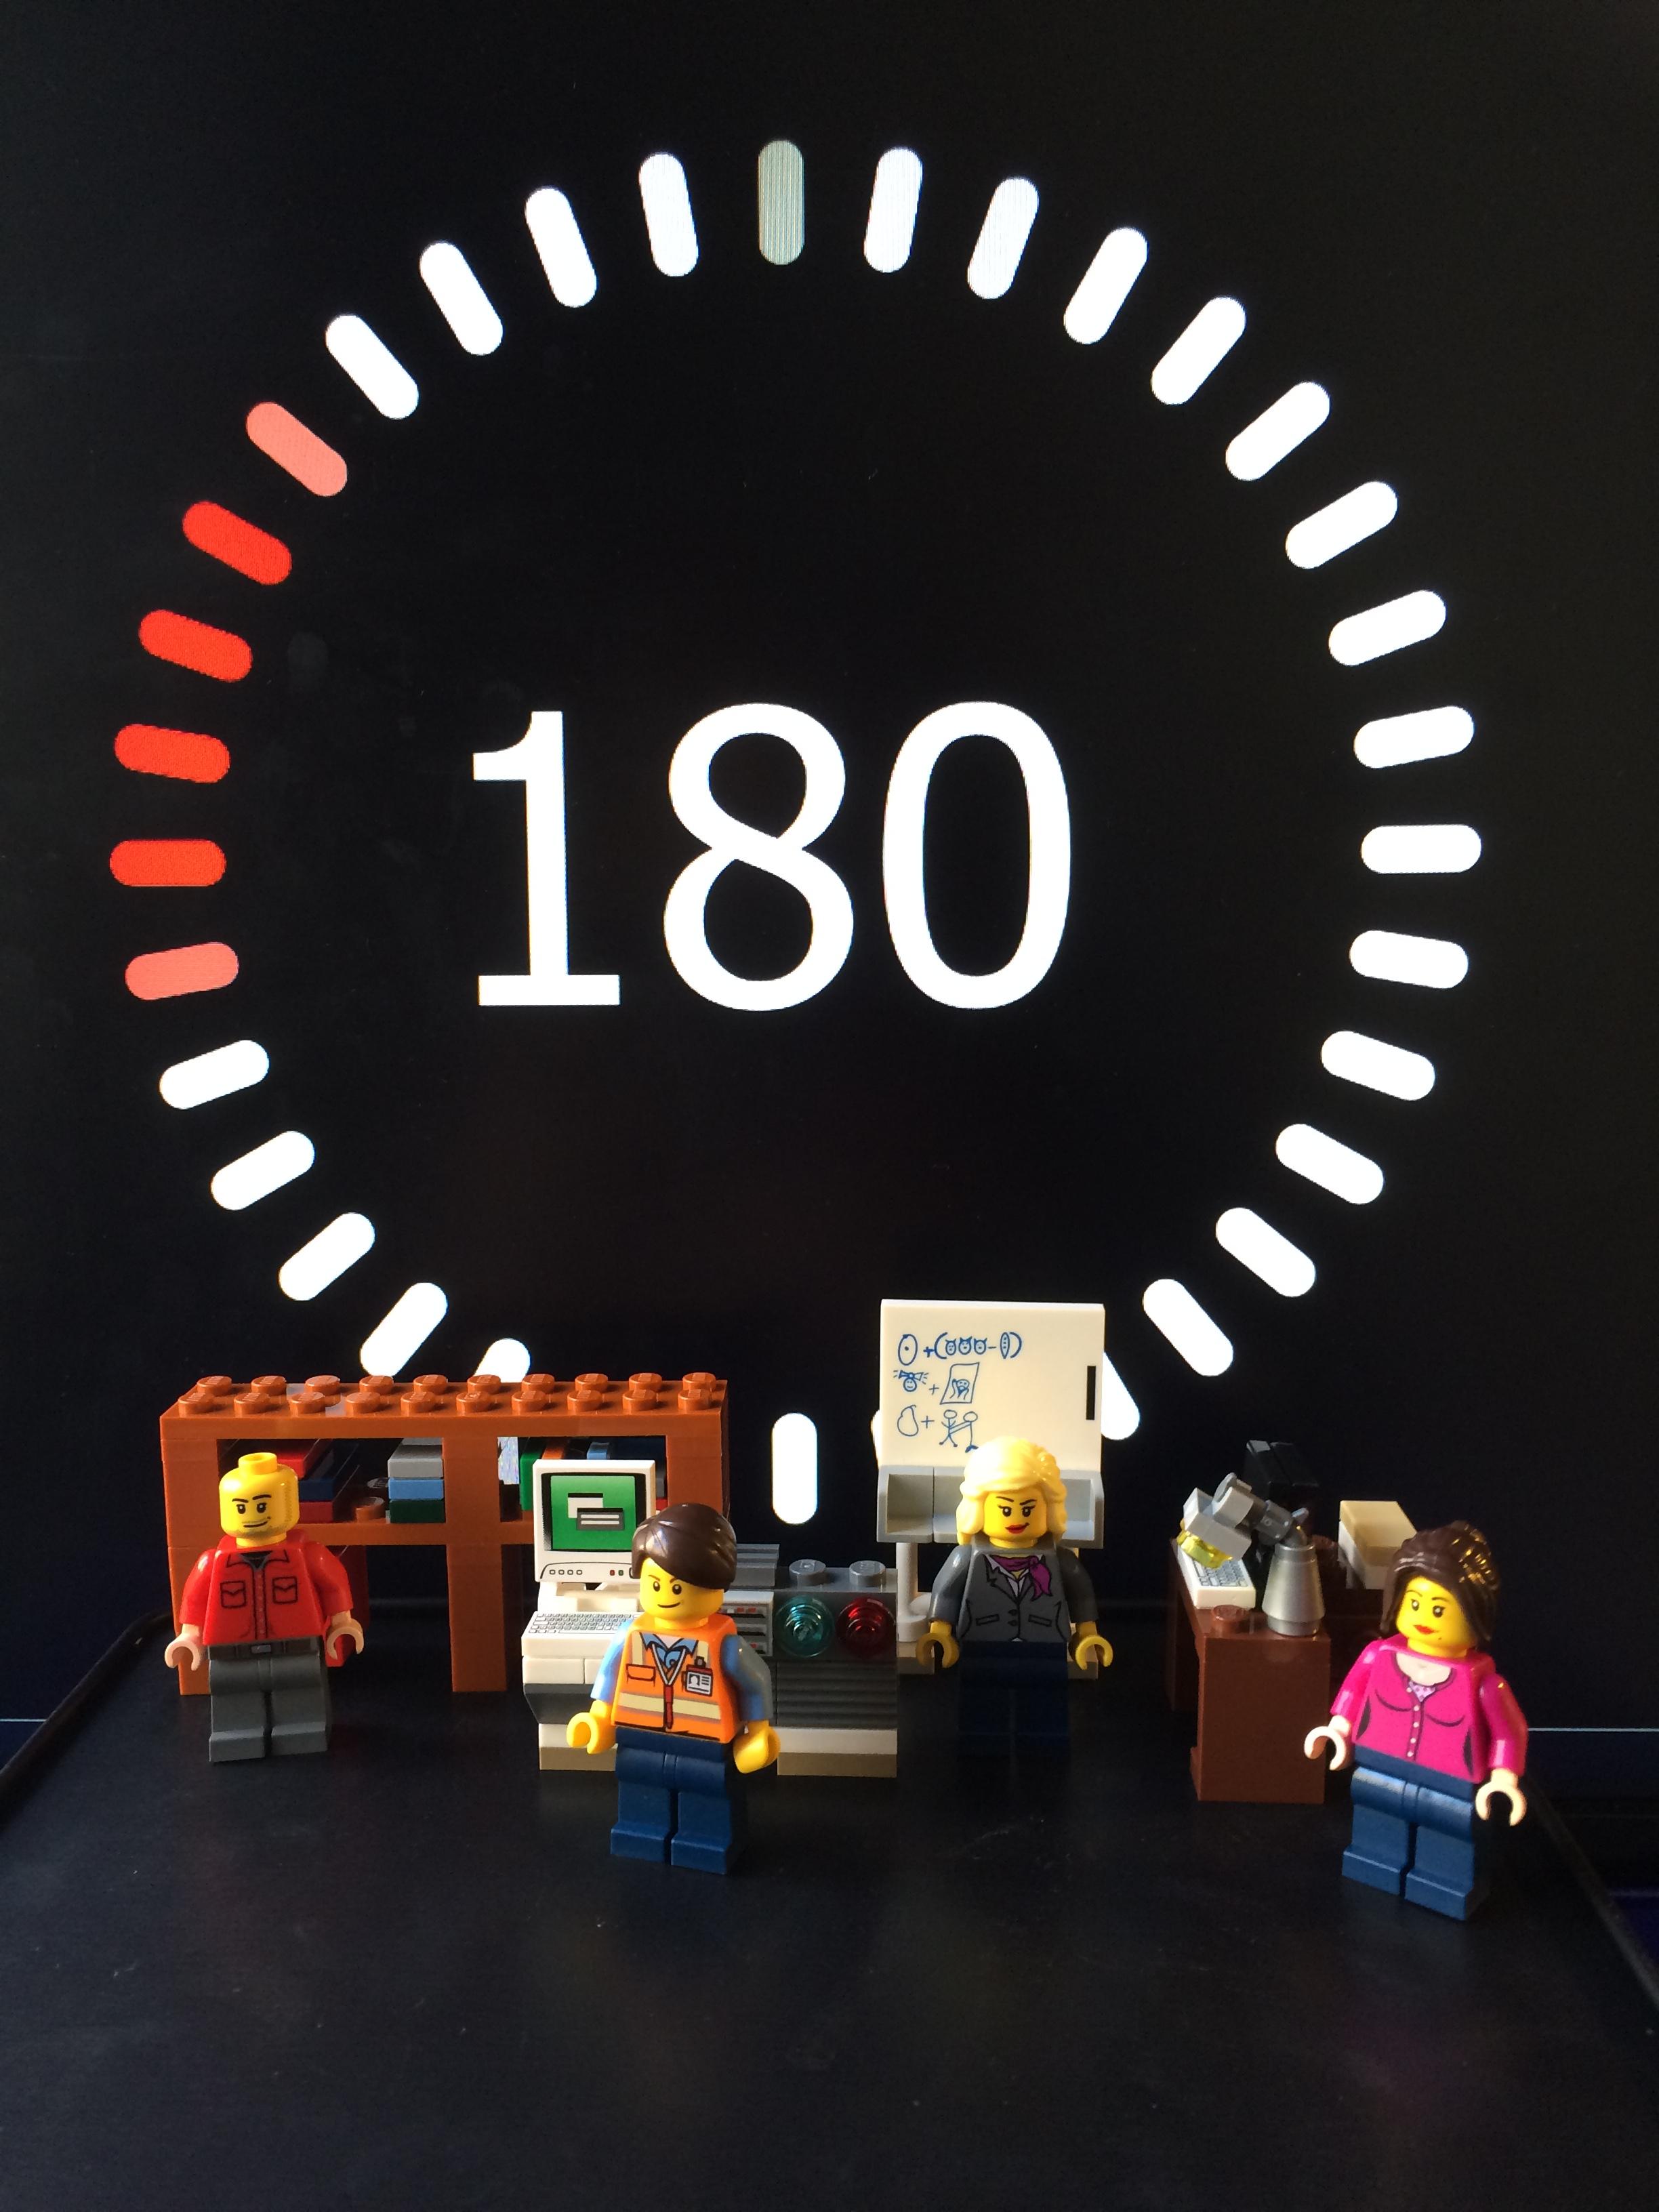 mt180 2016 - équipe Cnam Lego